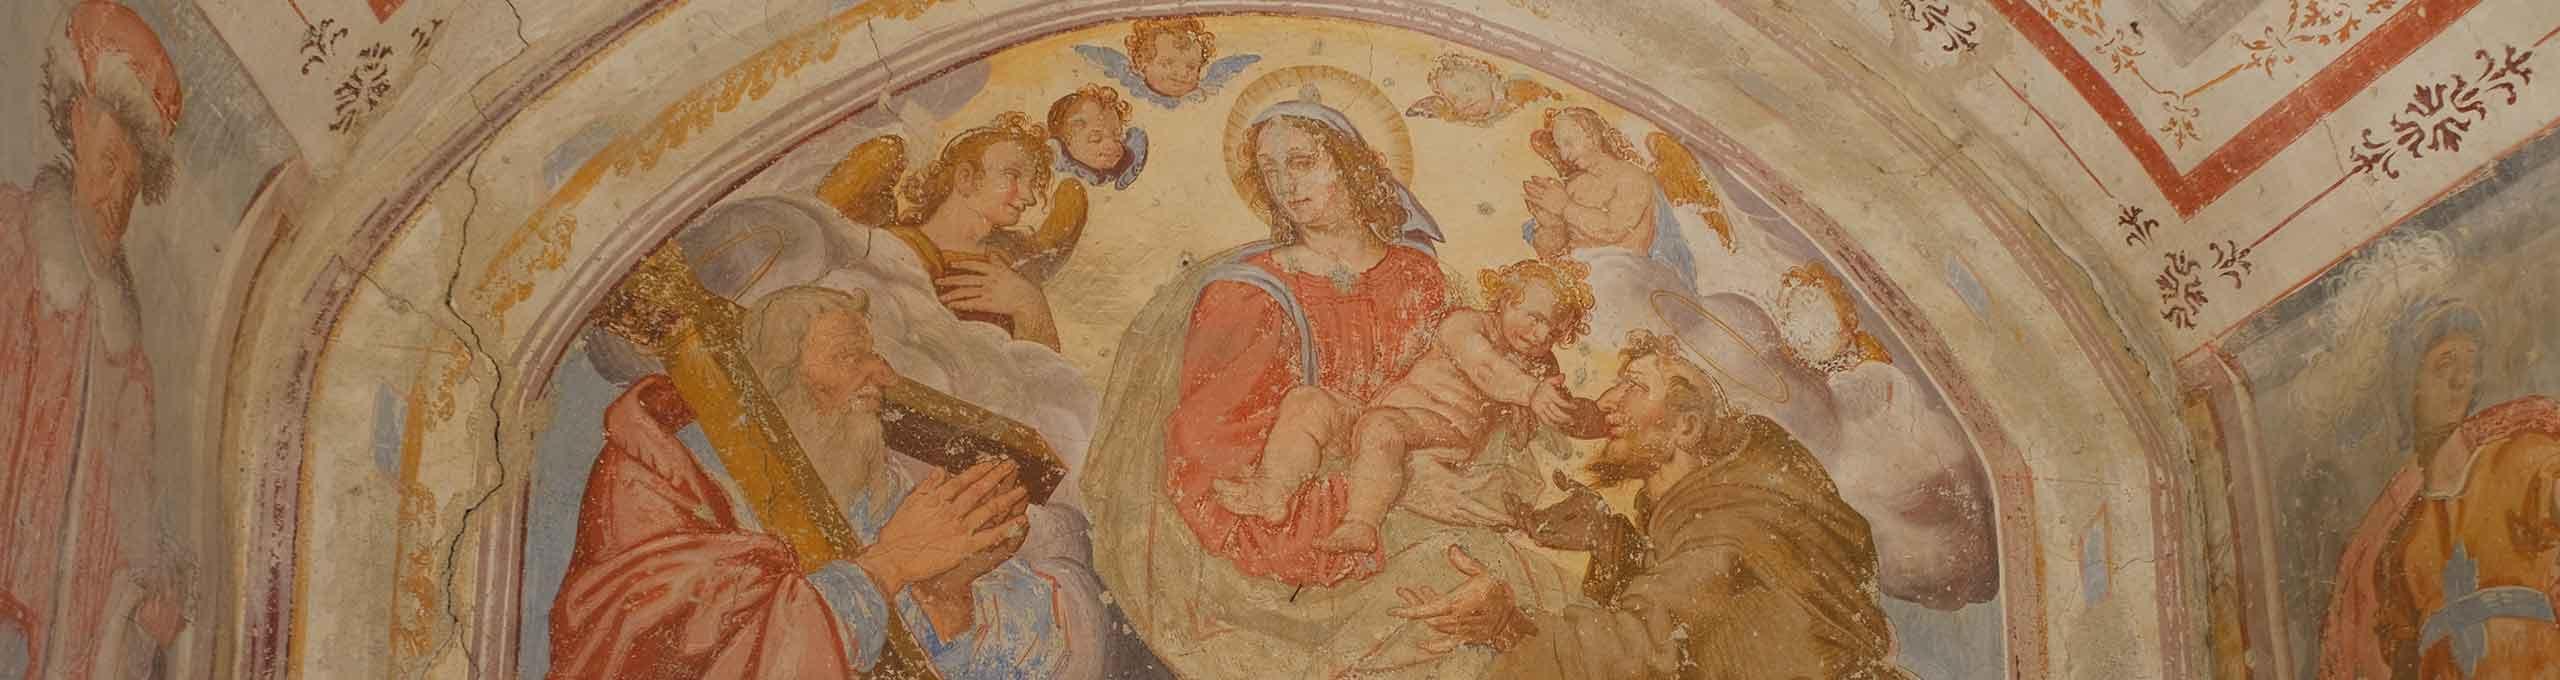 Rezzago, Lago di Como, Chiesa dei SS. Cosma e Damiano, affresco